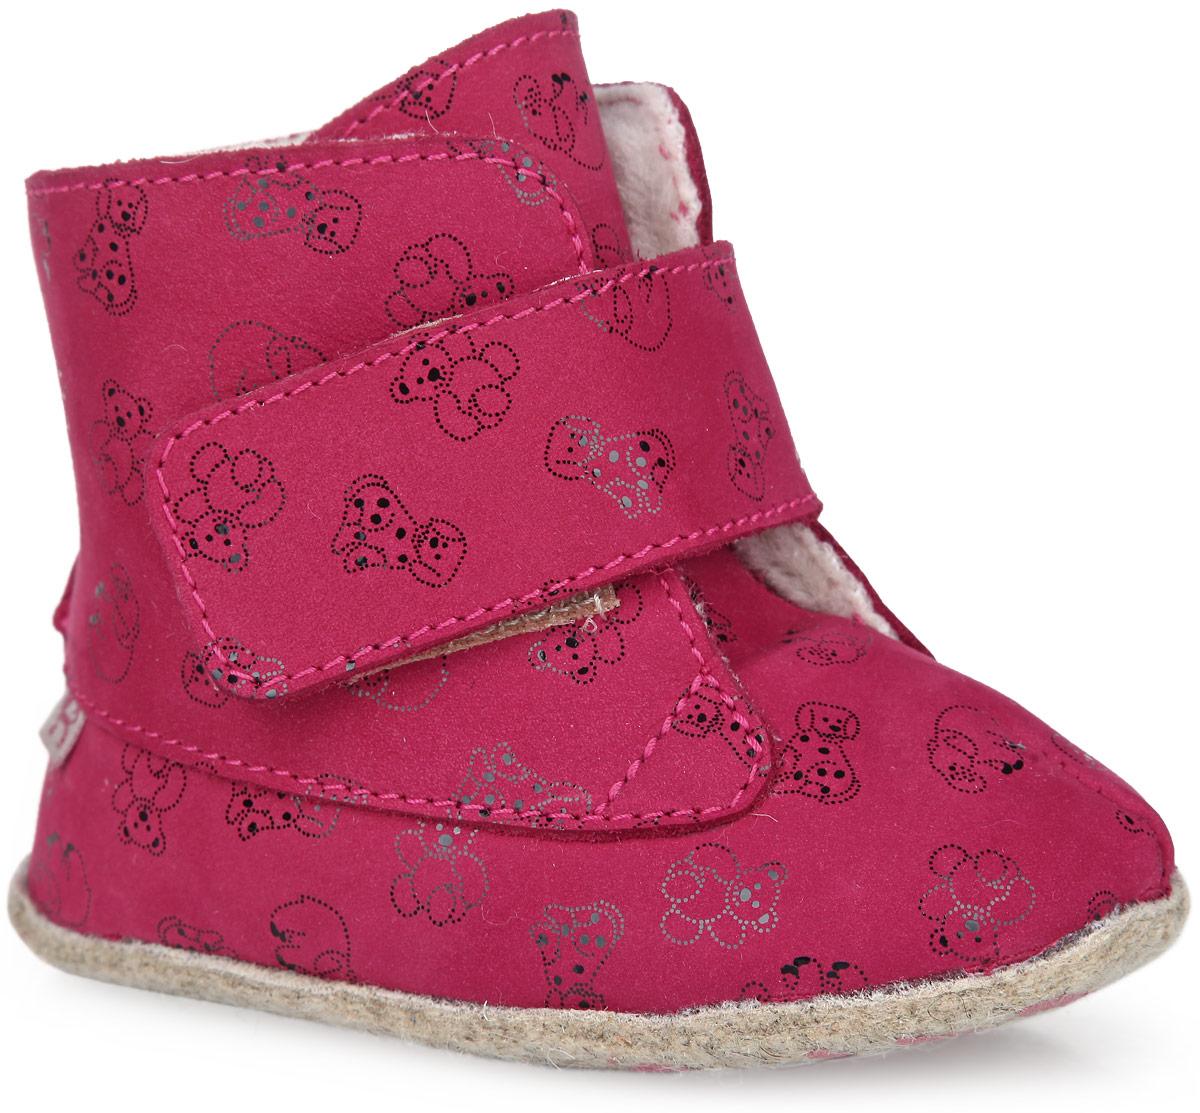 Пинетки для девочки. 002028-42002028-42Теплые пинетки для девочки Котофей, стилизованные под сапожки, станут отличным дополнением к детскому гардеробу. Изделие выполнено из натуральной кожи с ворсом из овечьей шерсти с высокими теплозащитными свойствами. Модель застегивается сбоку на застежку-липучку, которая фиксирует пинетки на ножке ребенка. На подошве предусмотрен рельефный рисунок, благодаря которому ребенок не будет скользить. Изделие украшено принтом с изображением игрушек. Комфортные, не сдавливающие ножку материалы делают модель практичной и популярной. Такие пинетки - отличное решение для малышей и их родителей!